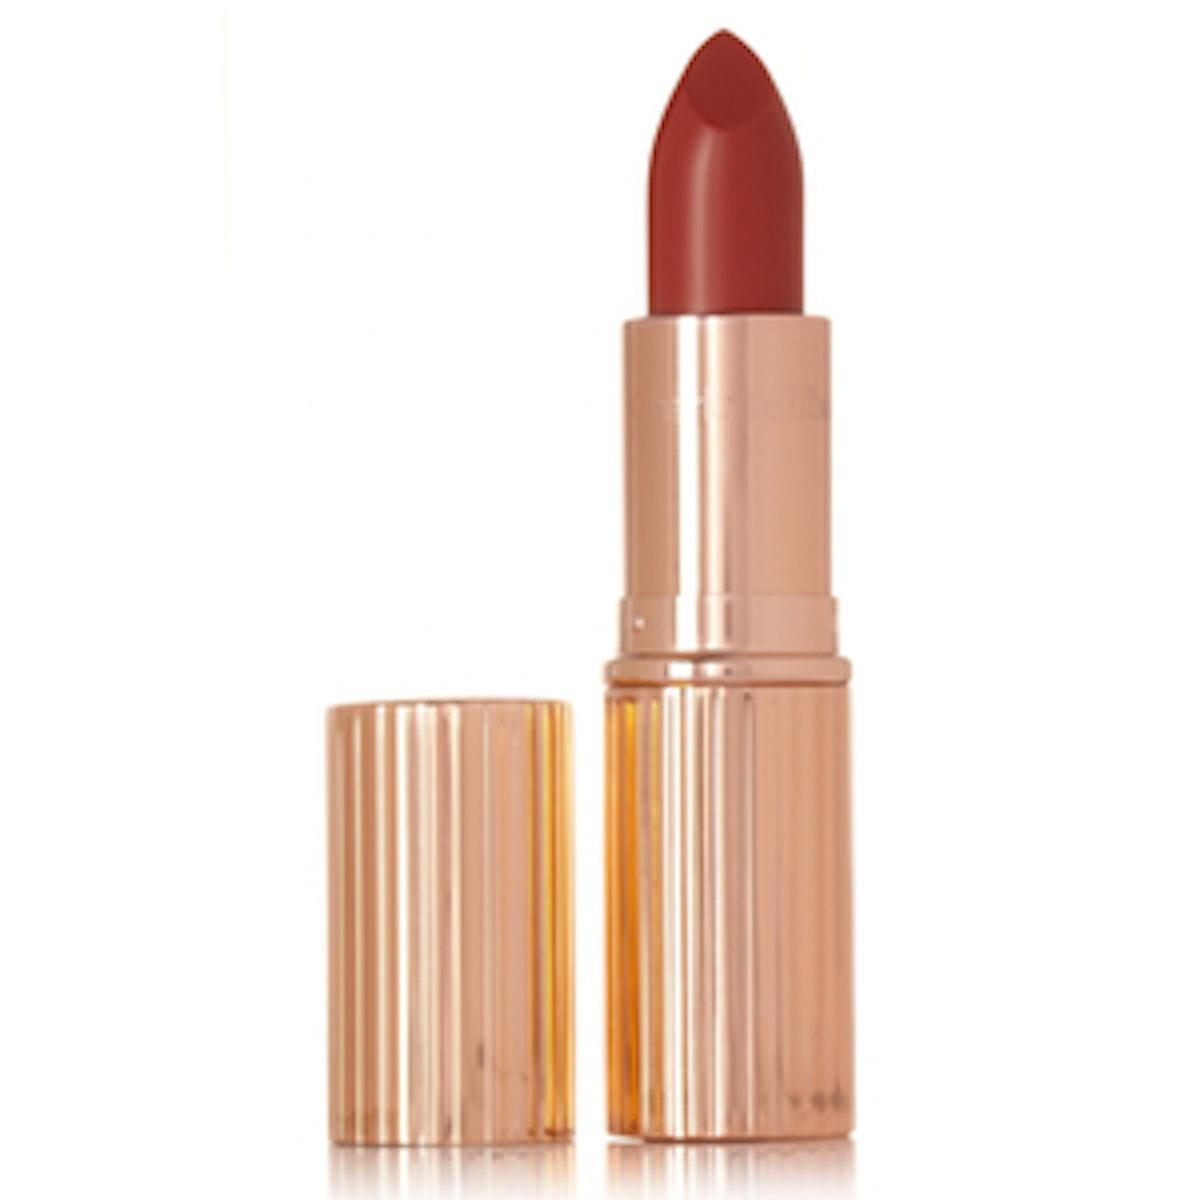 K.I.S.S.I.N.G Lipstick in So Marilyn